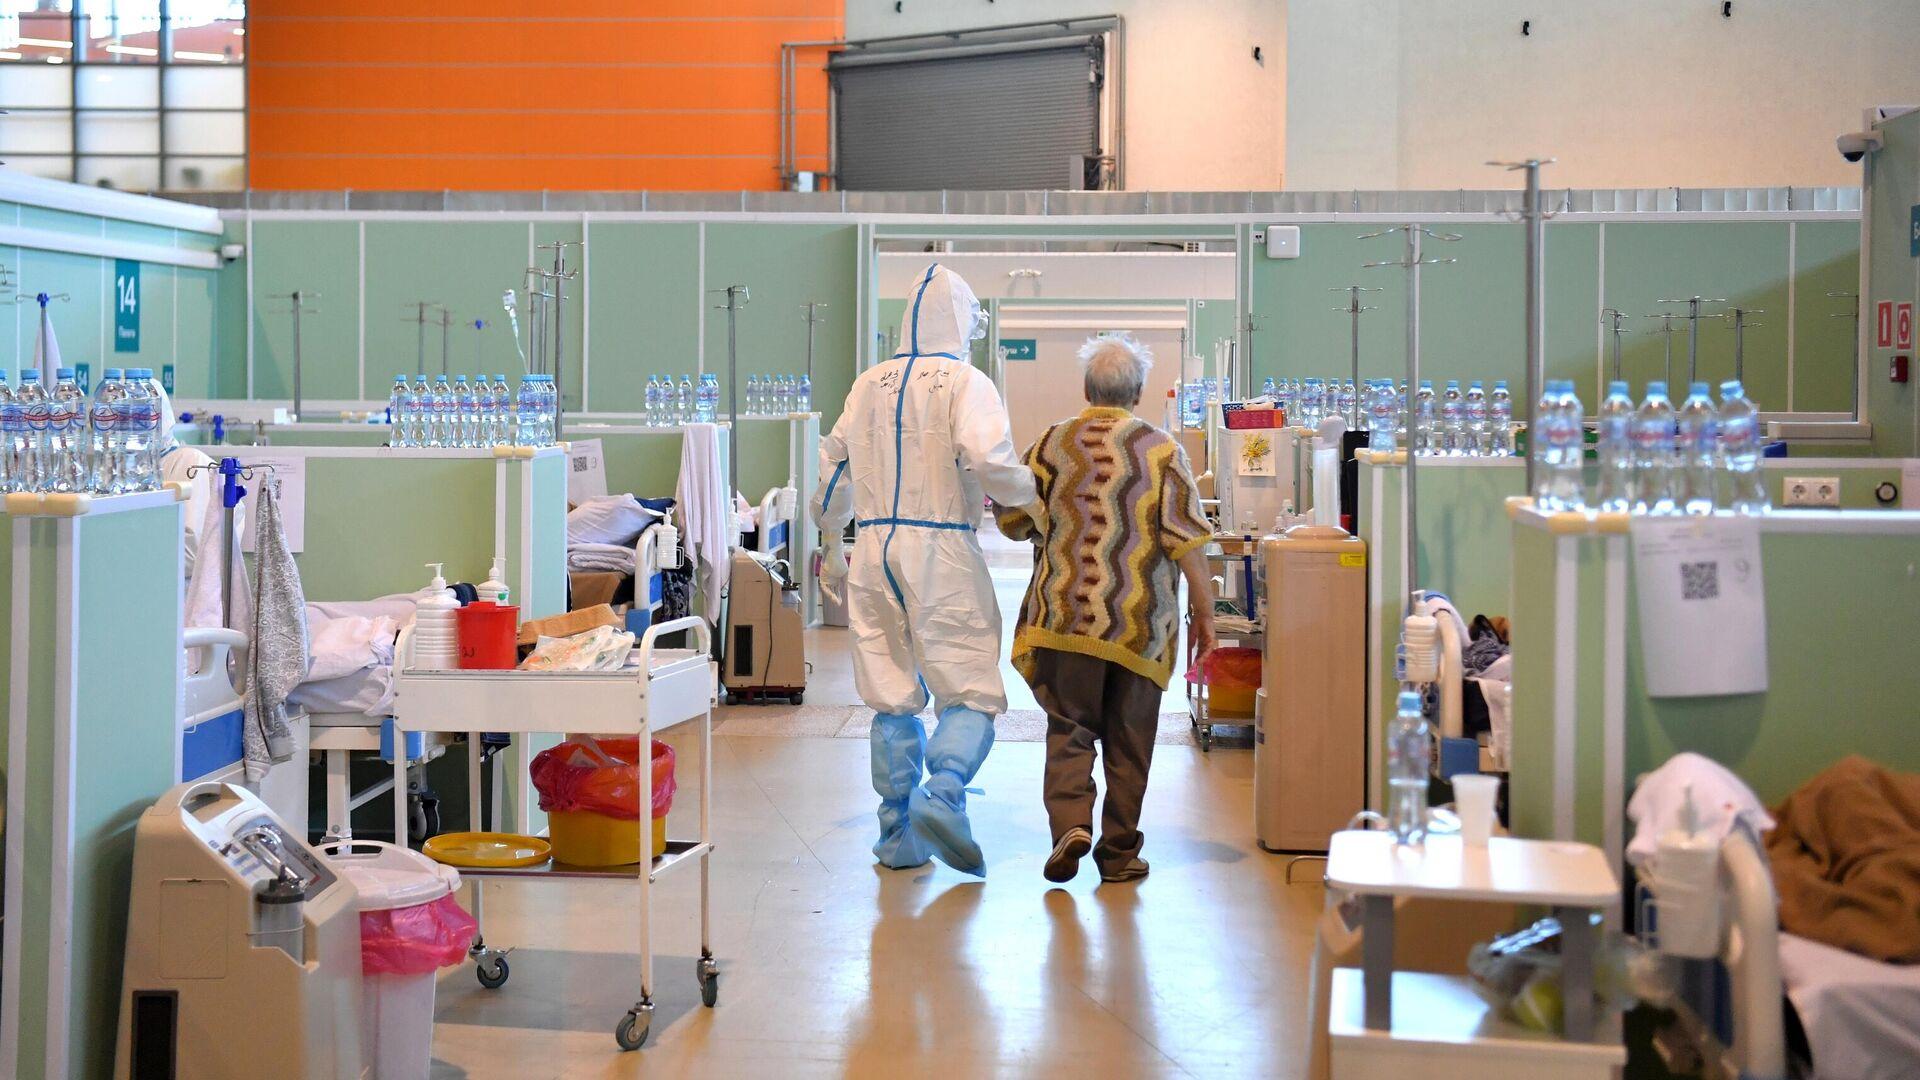 Медицинский работник и пациент в палате интенсивной терапии во временном госпитале COVID-19 на ВДНХ в Москве - РИА Новости, 1920, 03.08.2021